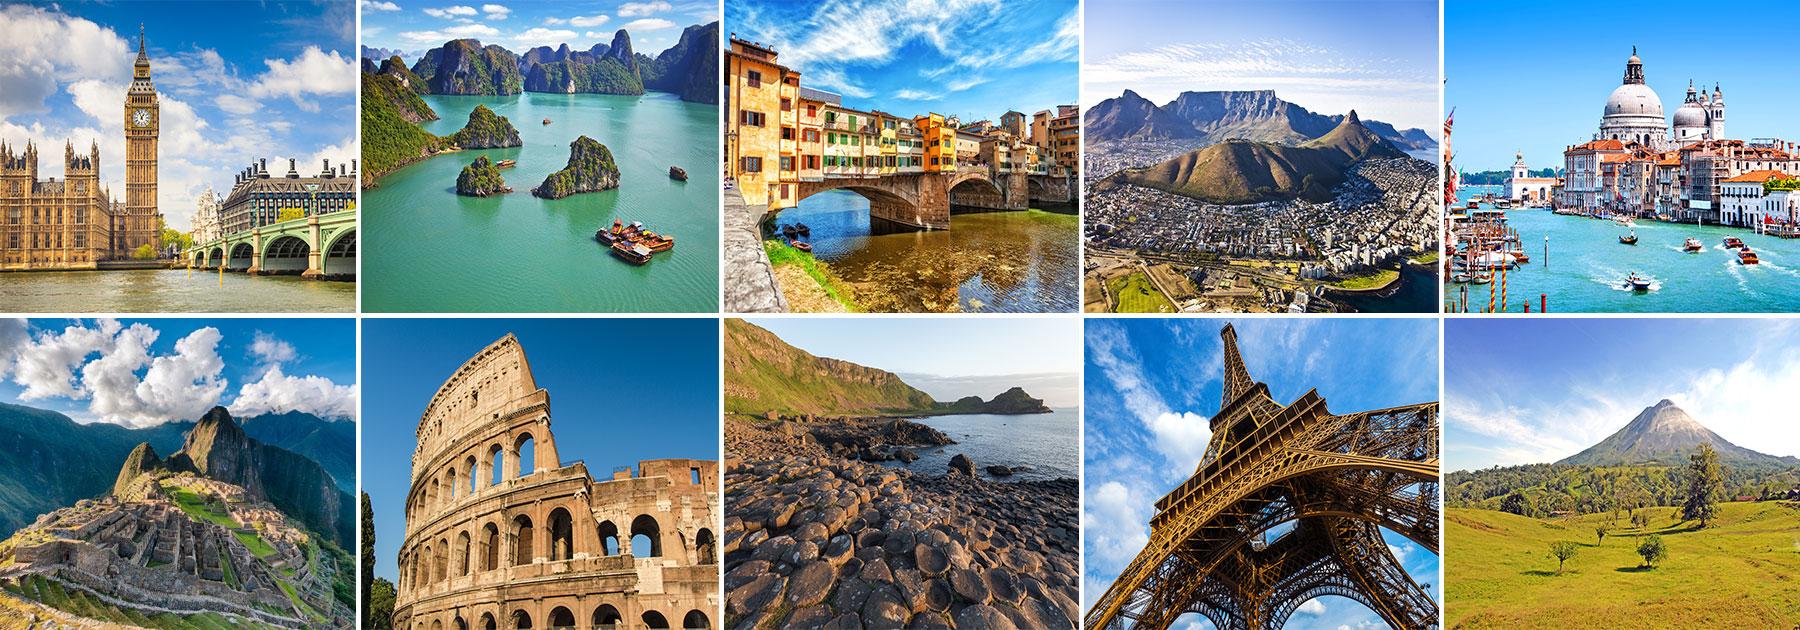 2017旅遊 Travel 出國上網